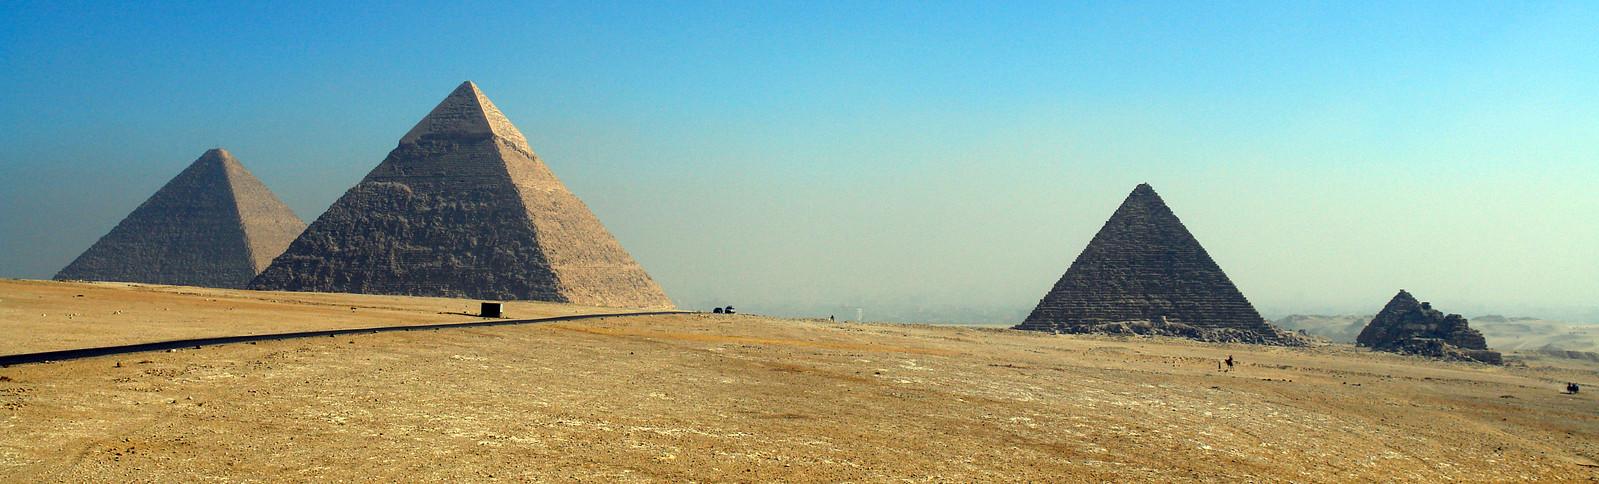 Qué ver en El Cairo, Egipto lugares que visitar en el cairo - 39184087870 27521574c7 h - 10+1 lugares que visitar en El Cairo